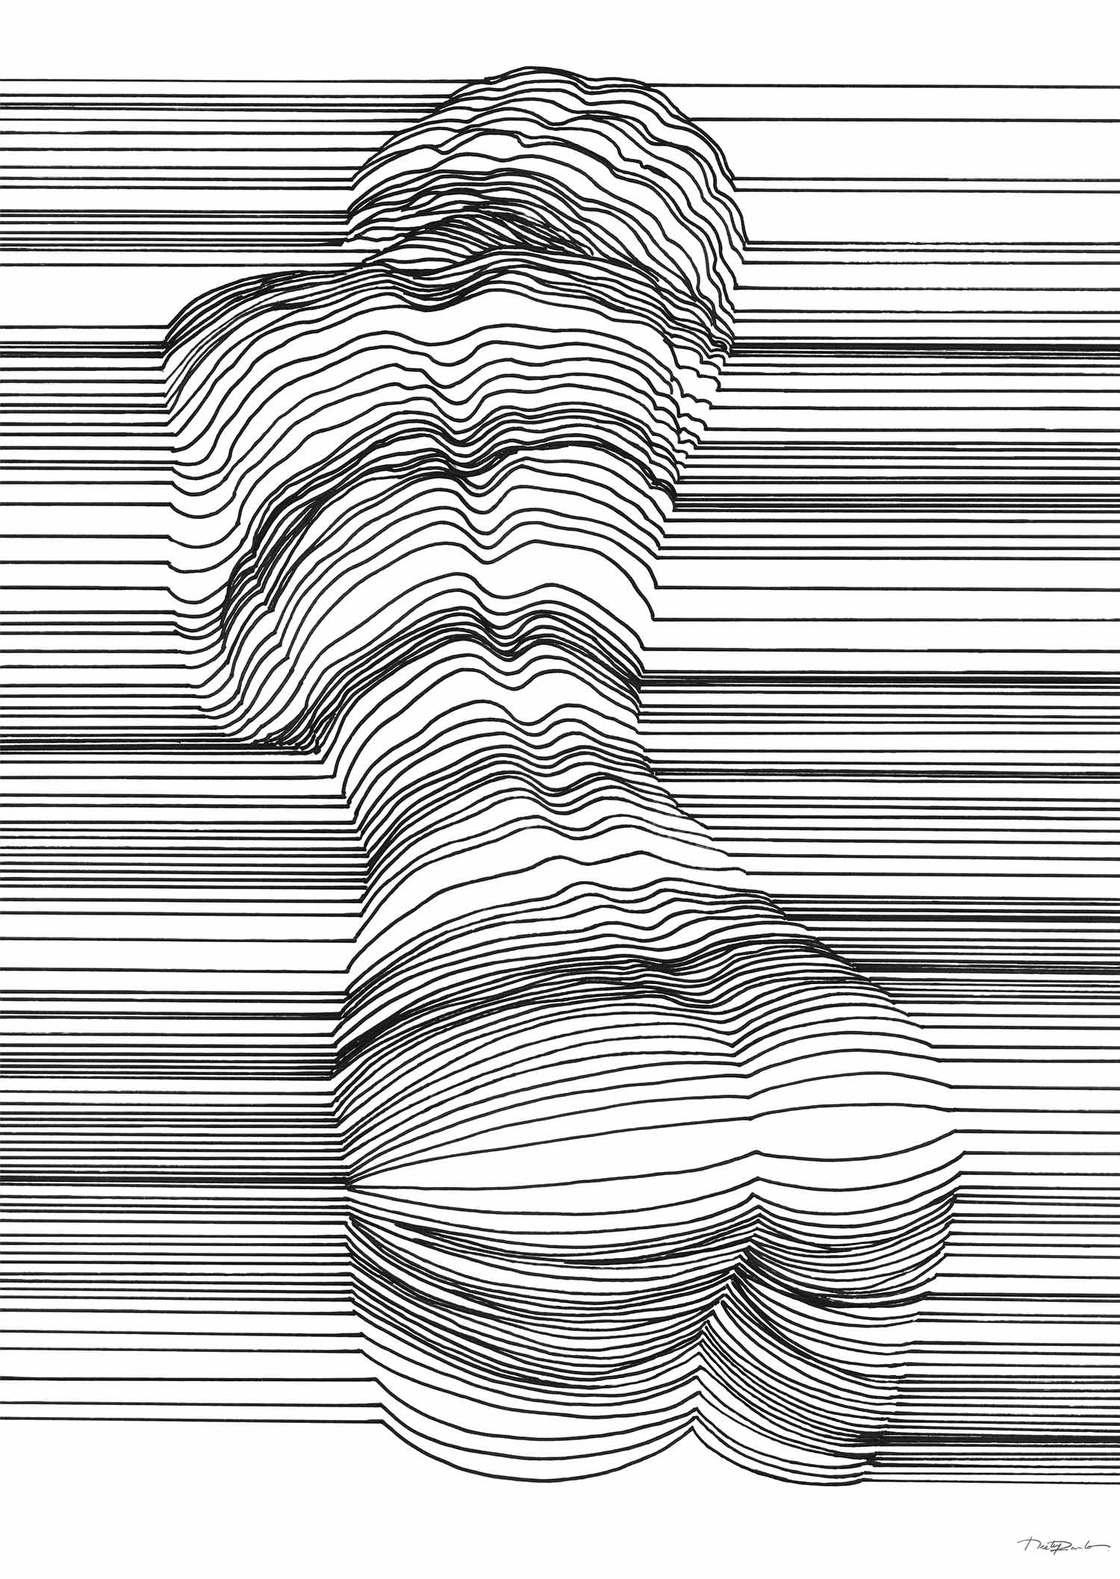 Les lignes c'est sexy